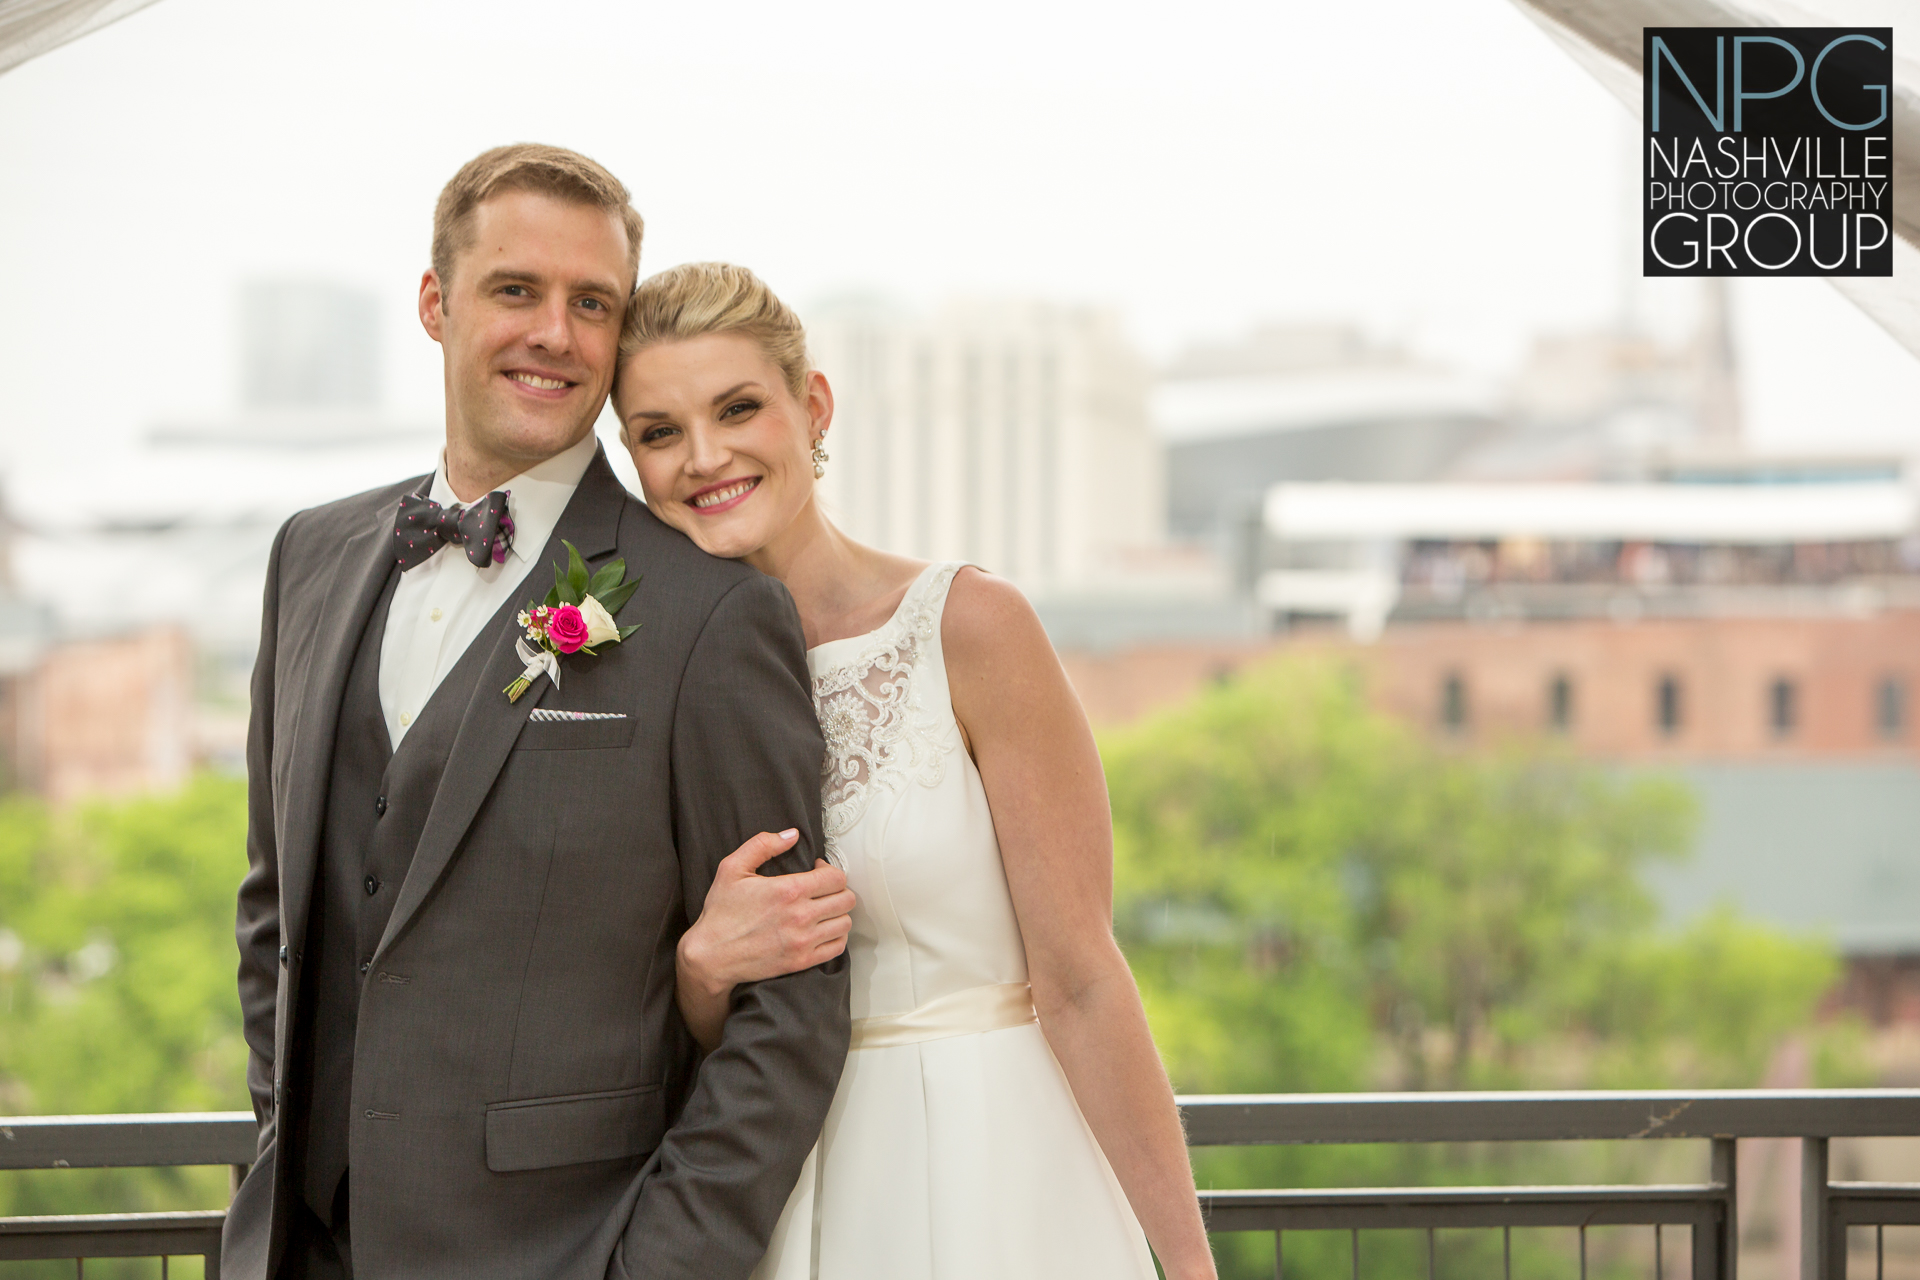 Nashville Photography Group - wedding photographers (2 of 2)-3.jpg